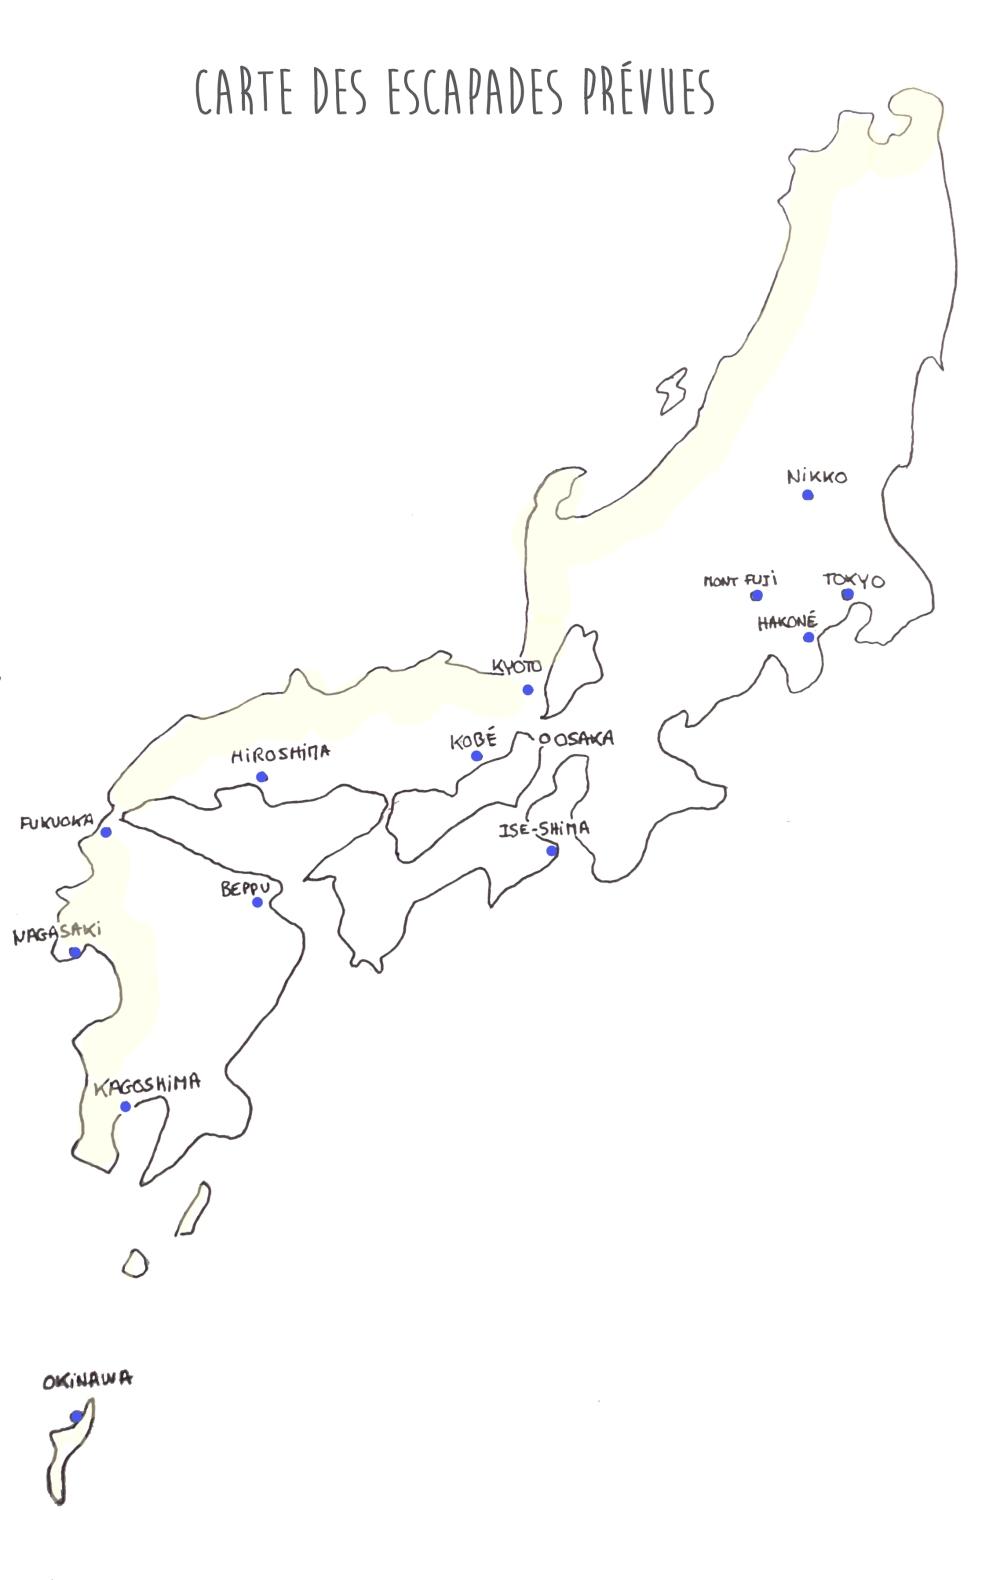 Carte des villes japonaises que nous allons visiter